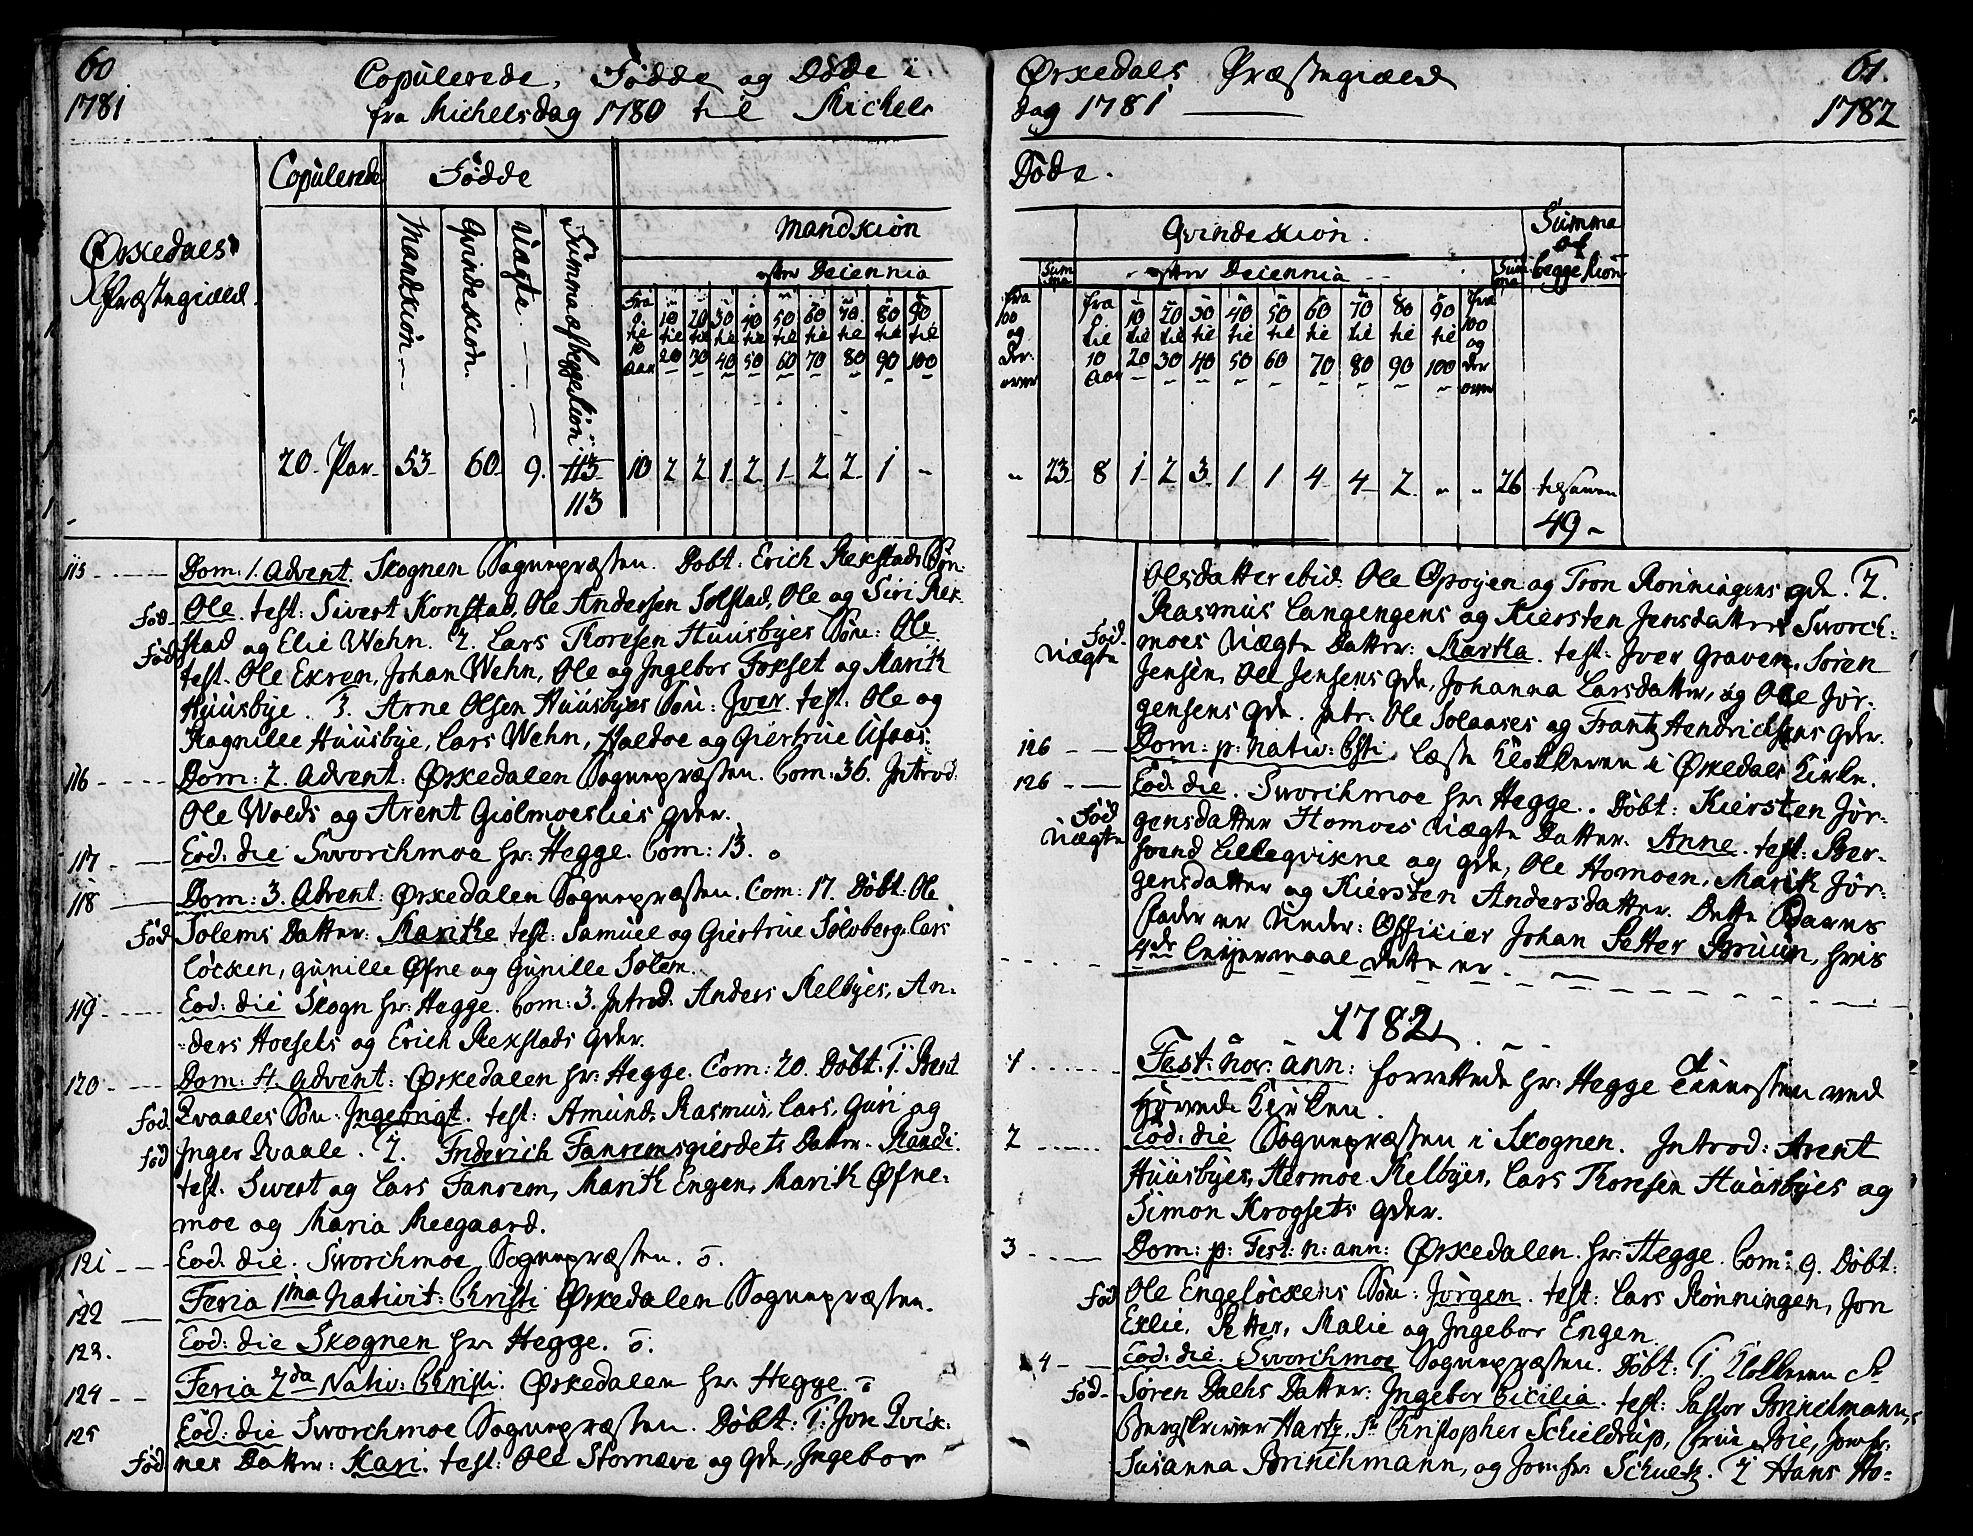 SAT, Ministerialprotokoller, klokkerbøker og fødselsregistre - Sør-Trøndelag, 668/L0802: Ministerialbok nr. 668A02, 1776-1799, s. 60-61